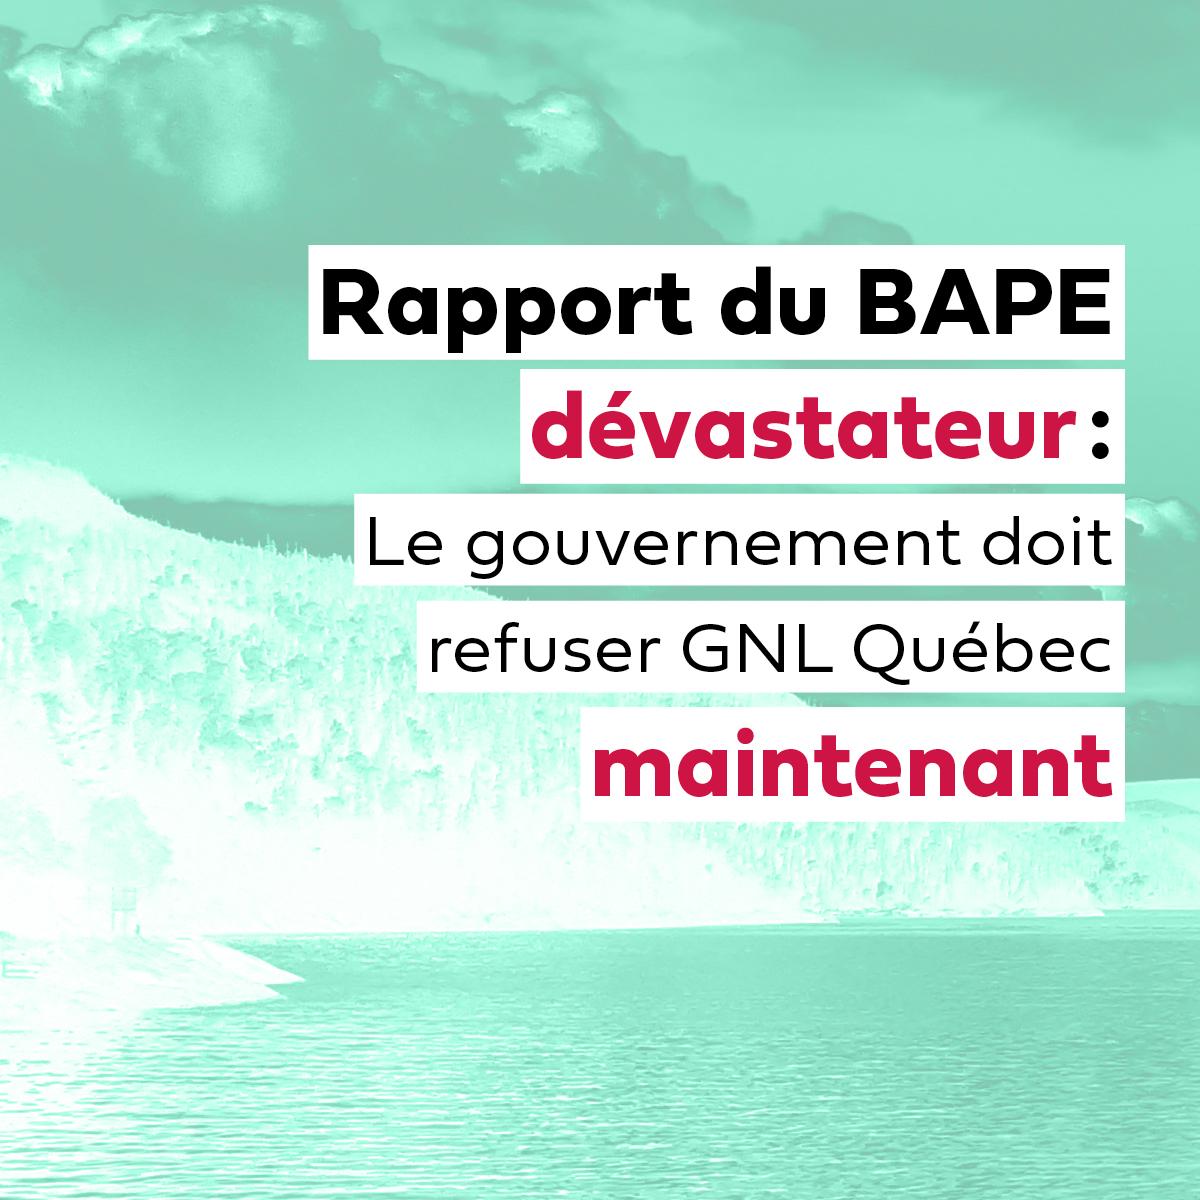 Communiqué - Rapport du BAPE dévastateur pour GNL Québec : le gouvernement doit refuser le projet sans plus attendre